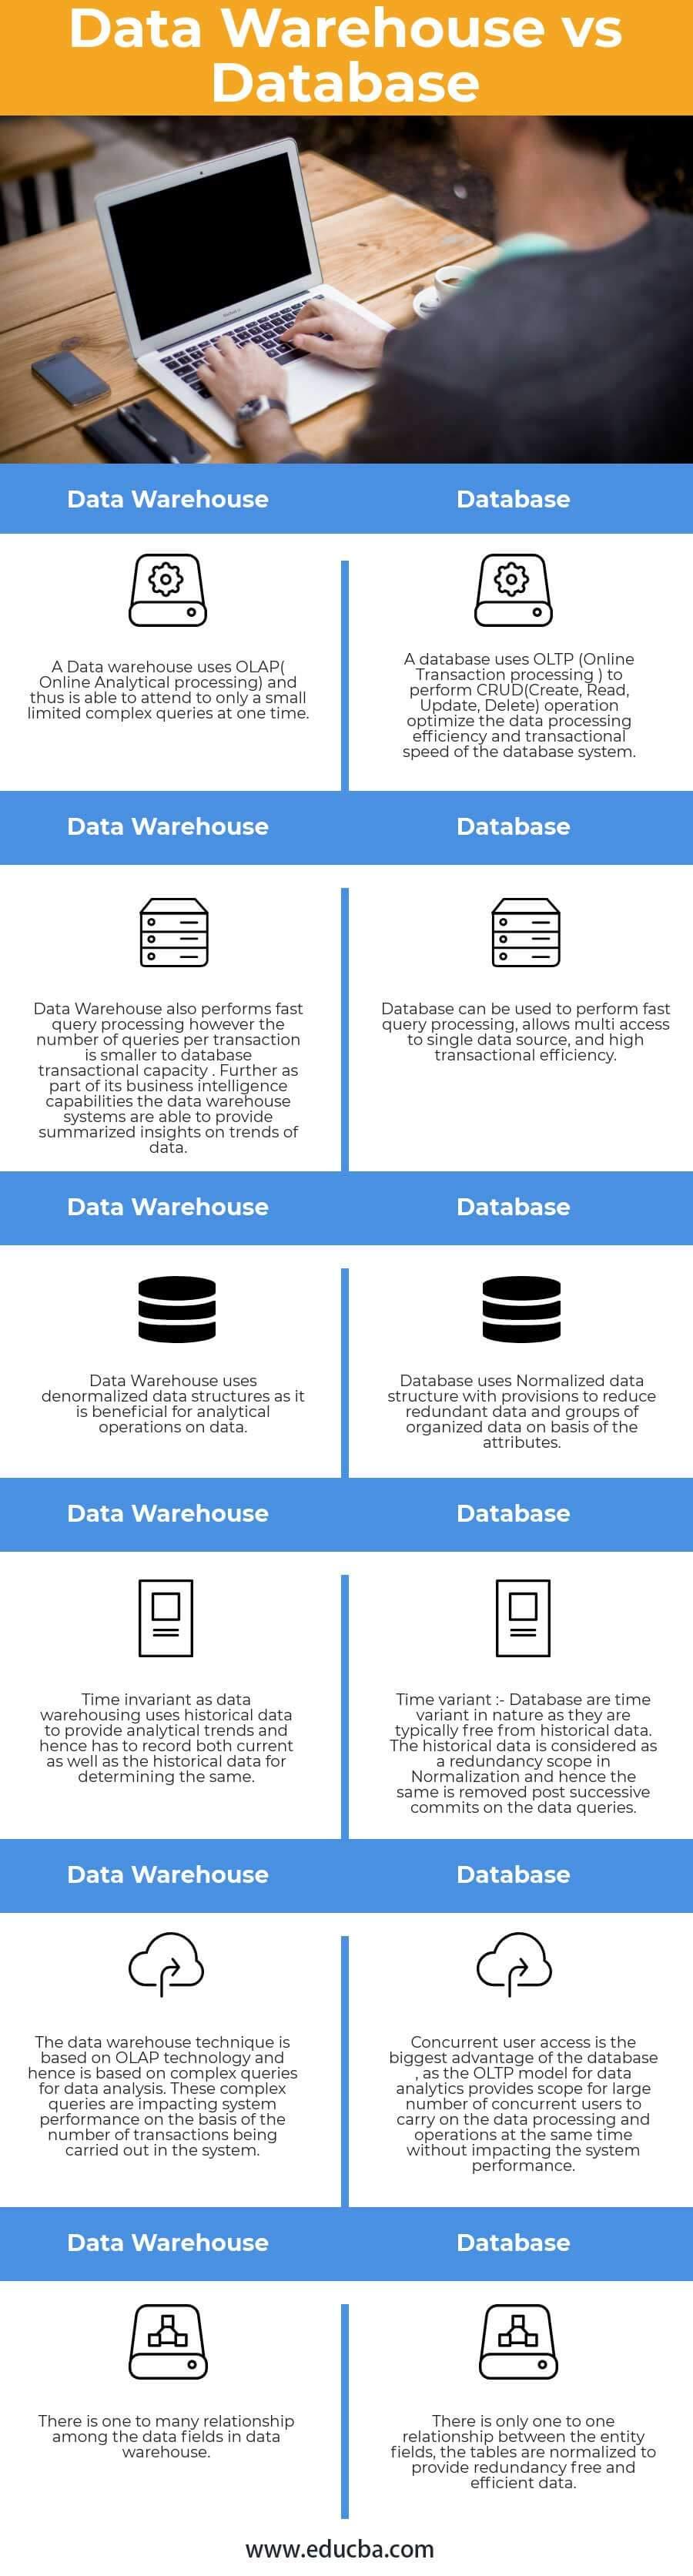 Data Warehouse Speed